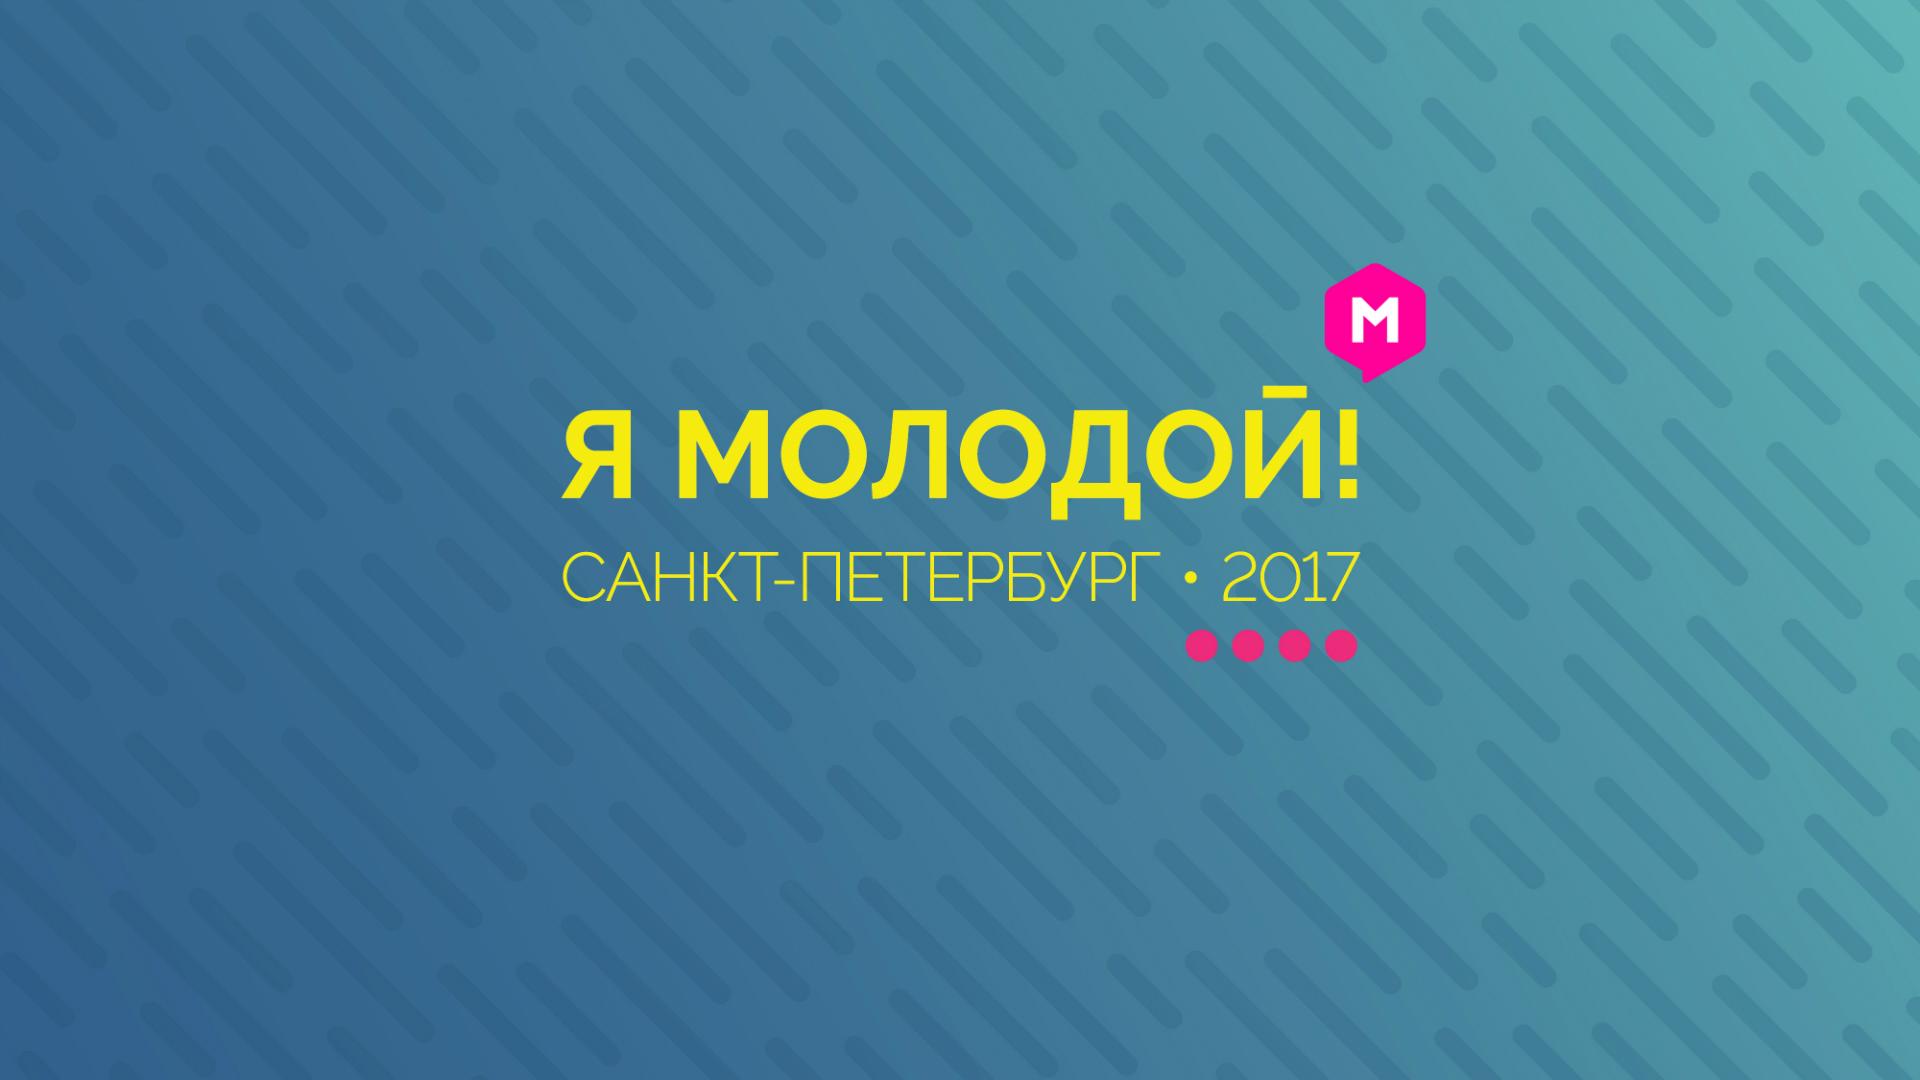 im-conf-2017